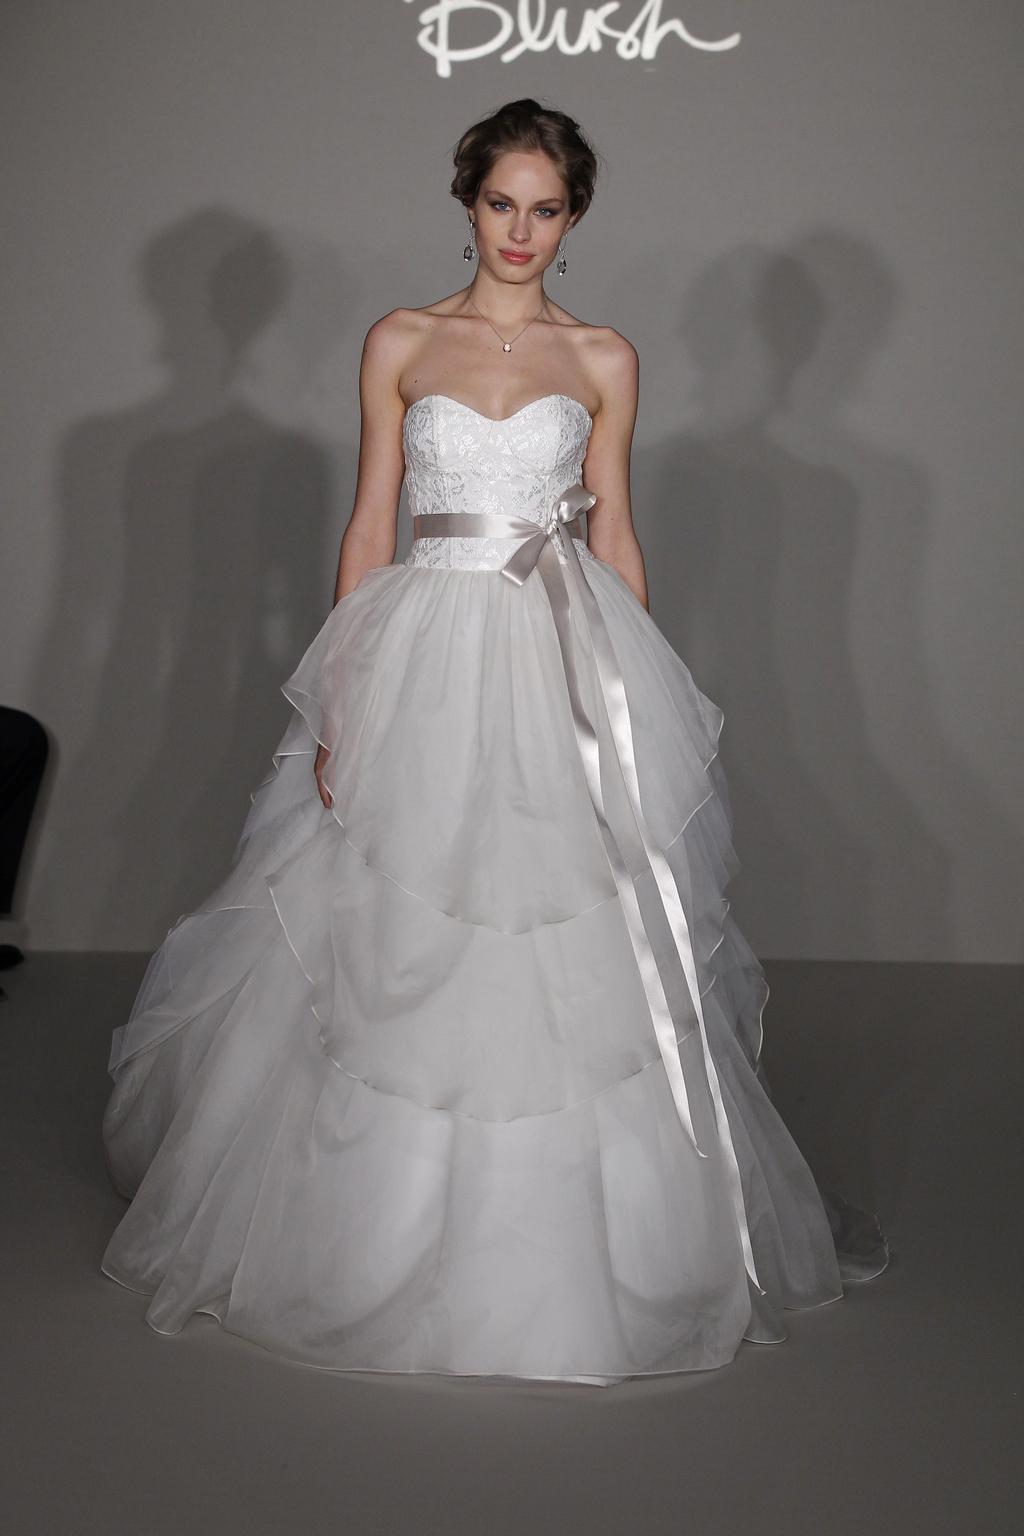 Jim-hjelm-blush-wedding-dress-spring-2012-bridal-gowns-1204.full